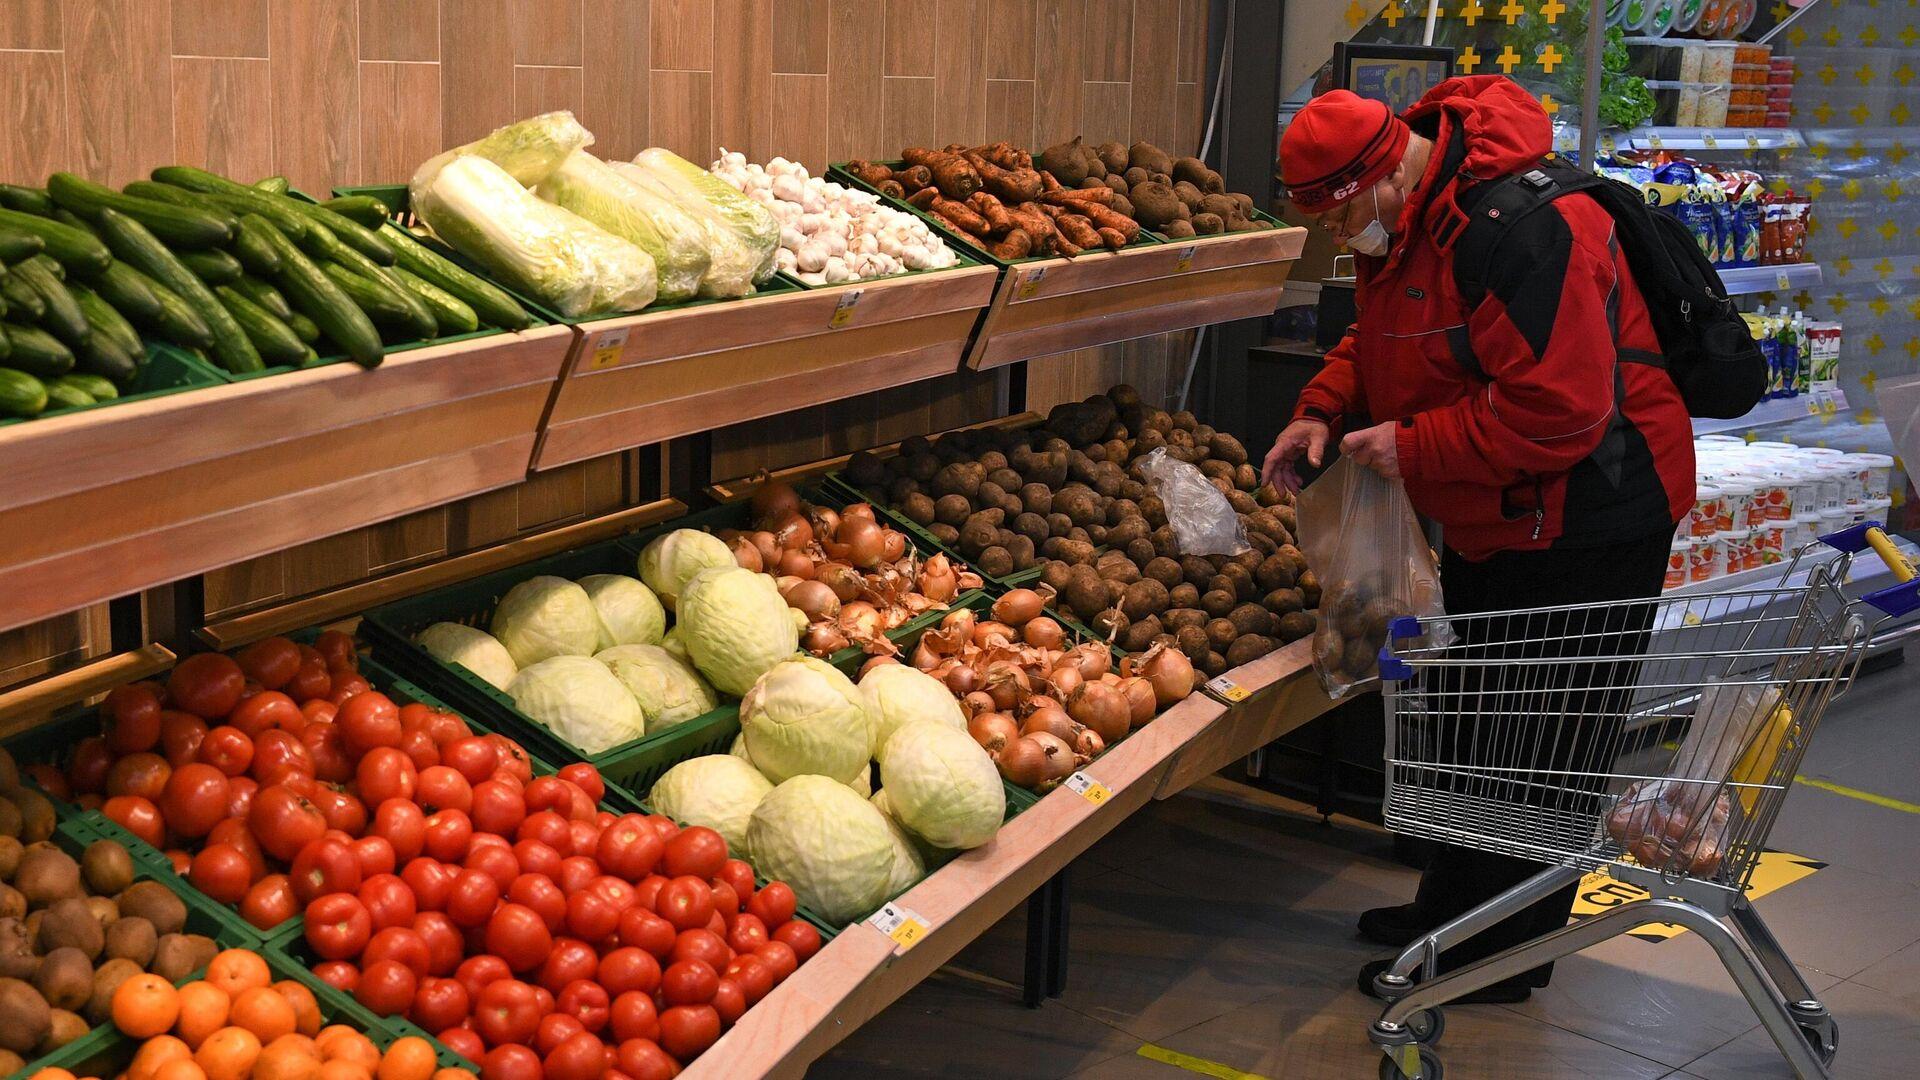 Россияне рассказали, сколько тратят на продукты в месяц